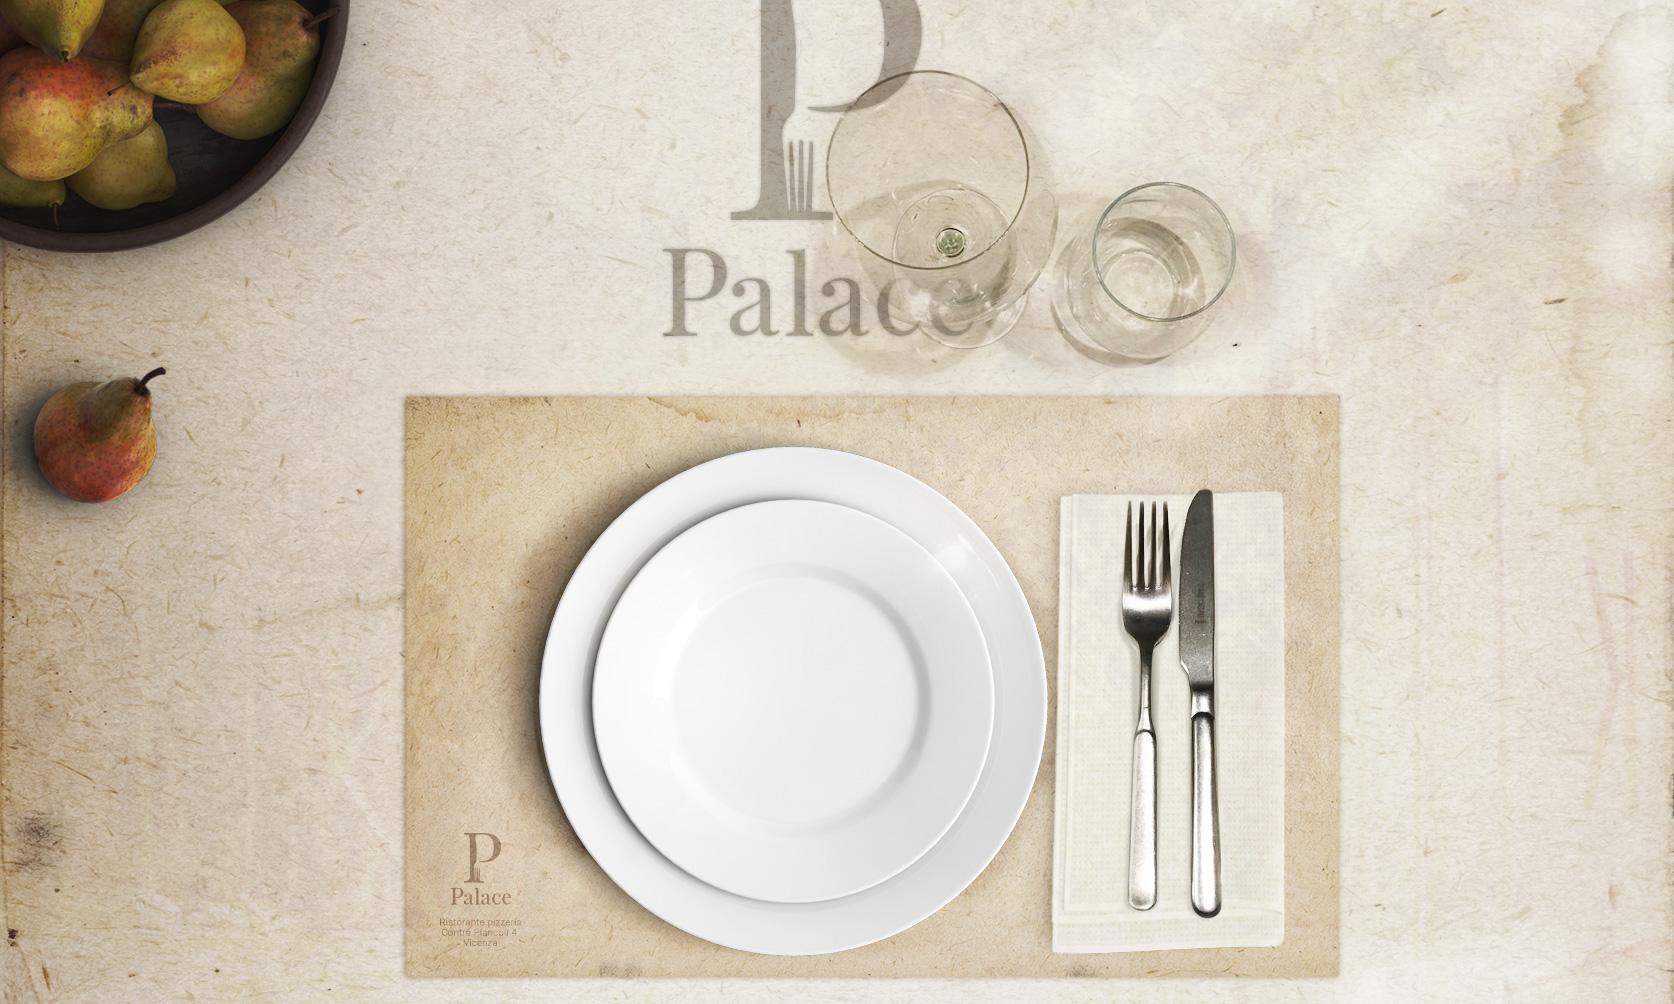 palace-vicenza-ristorante-pizzeria-branding-logo-menu-tavolo.jpg